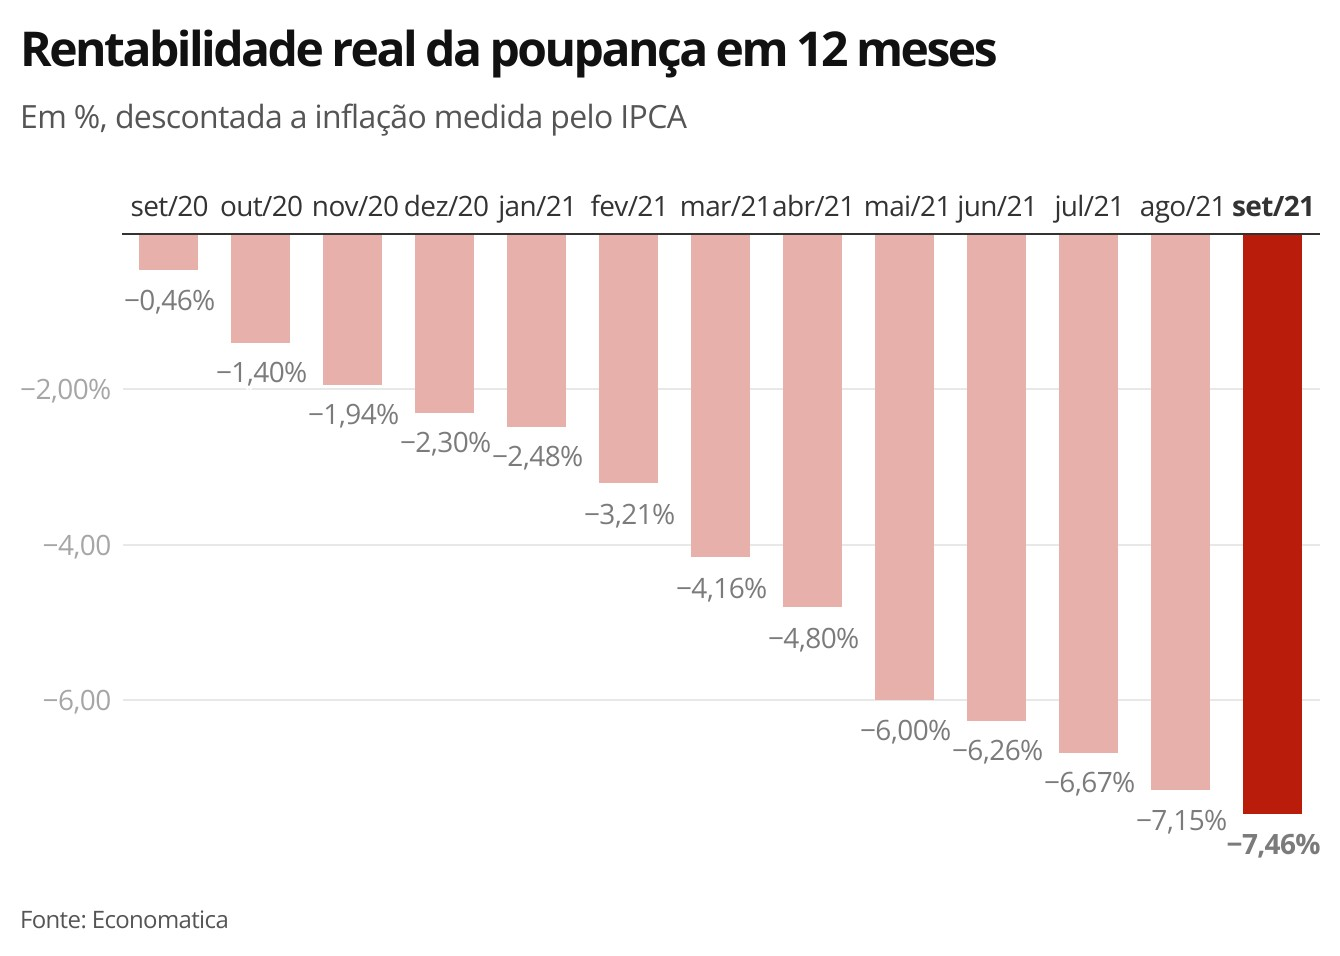 Selic a 7,75%: veja como fica a rentabilidade da poupança e de outros investimentos